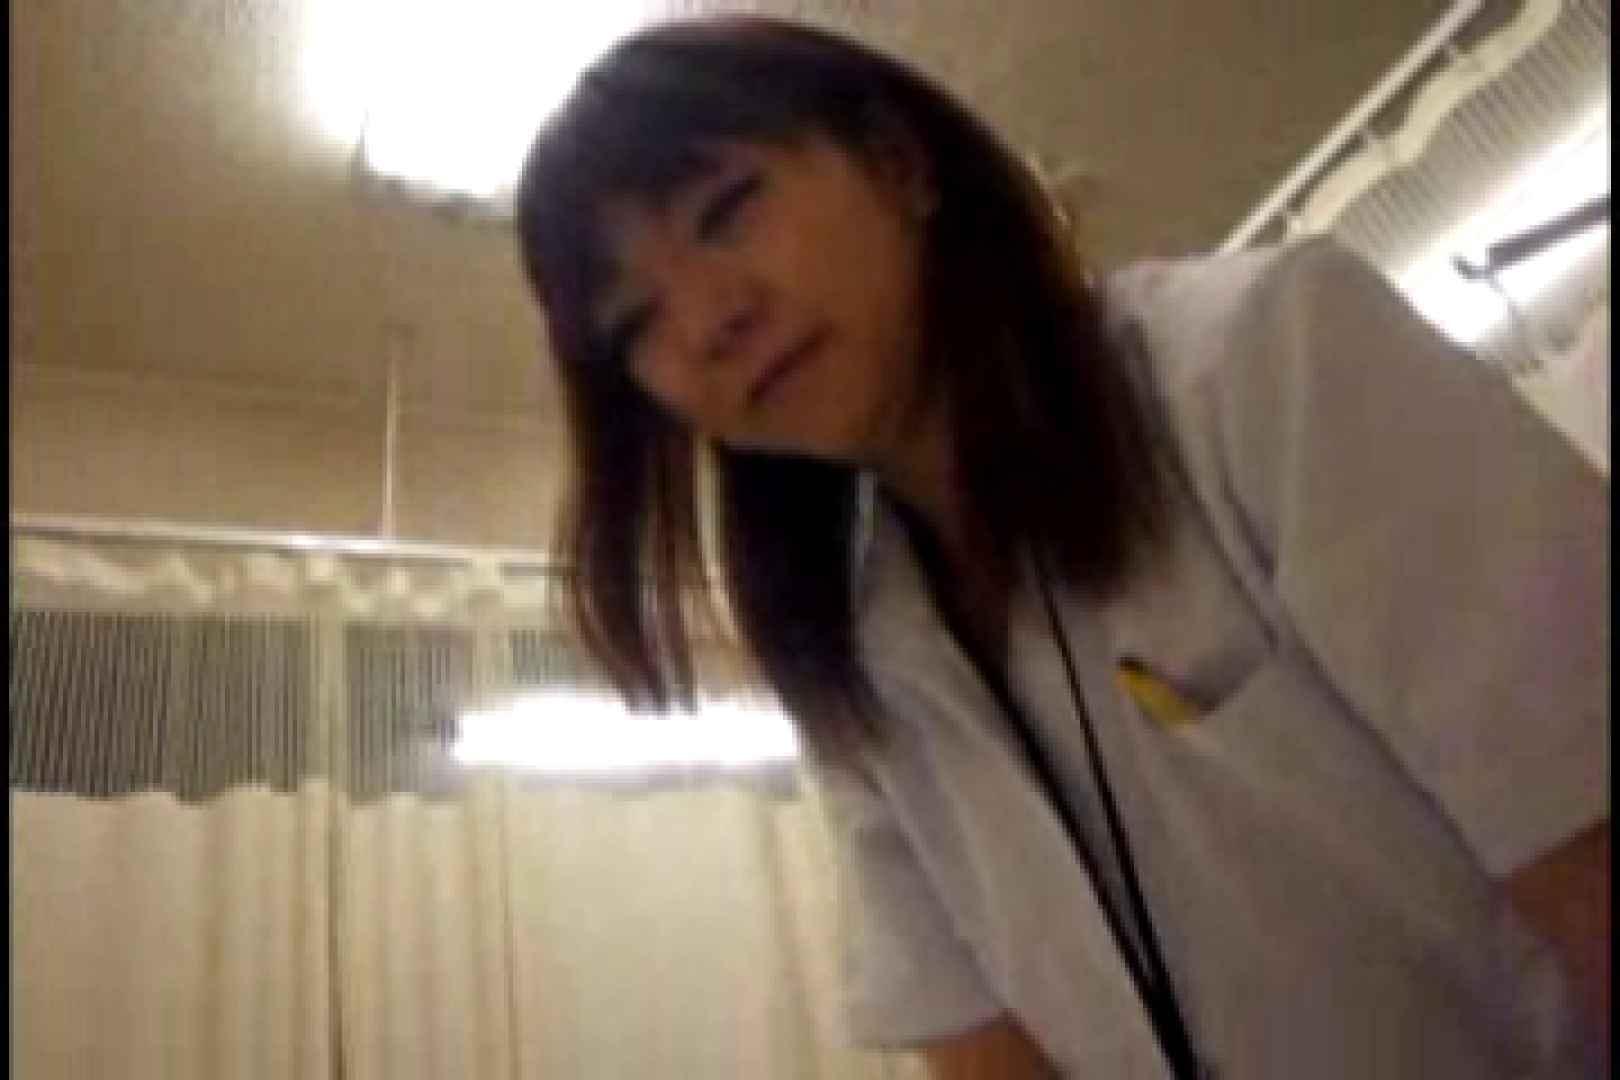 ヤリマンと呼ばれた看護士さんvol1 エッチなOL 濡れ場動画紹介 93pic 41